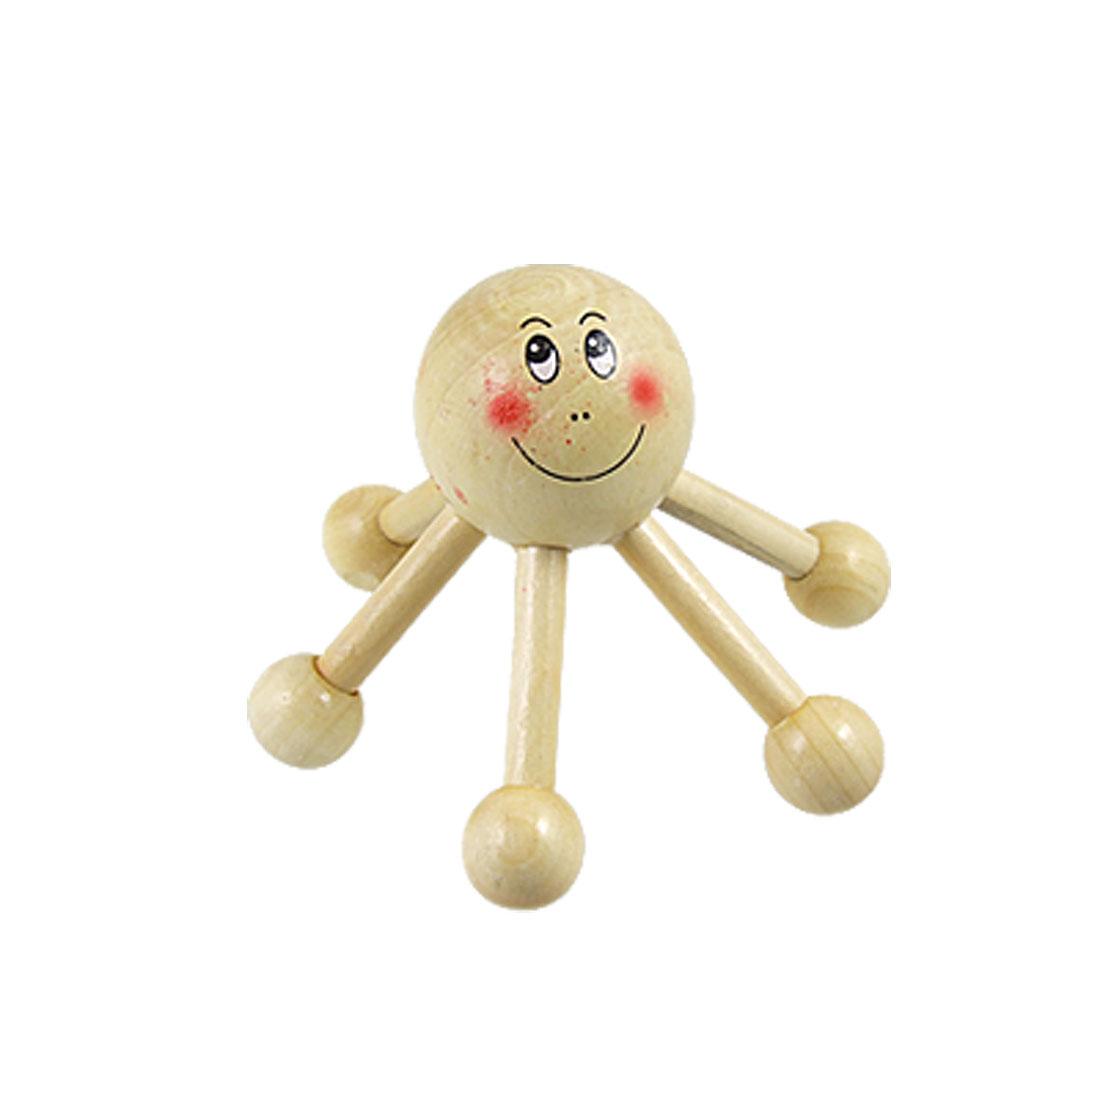 Smiling Face Massager Head Hand Wooden Massage Roller 6 Legs